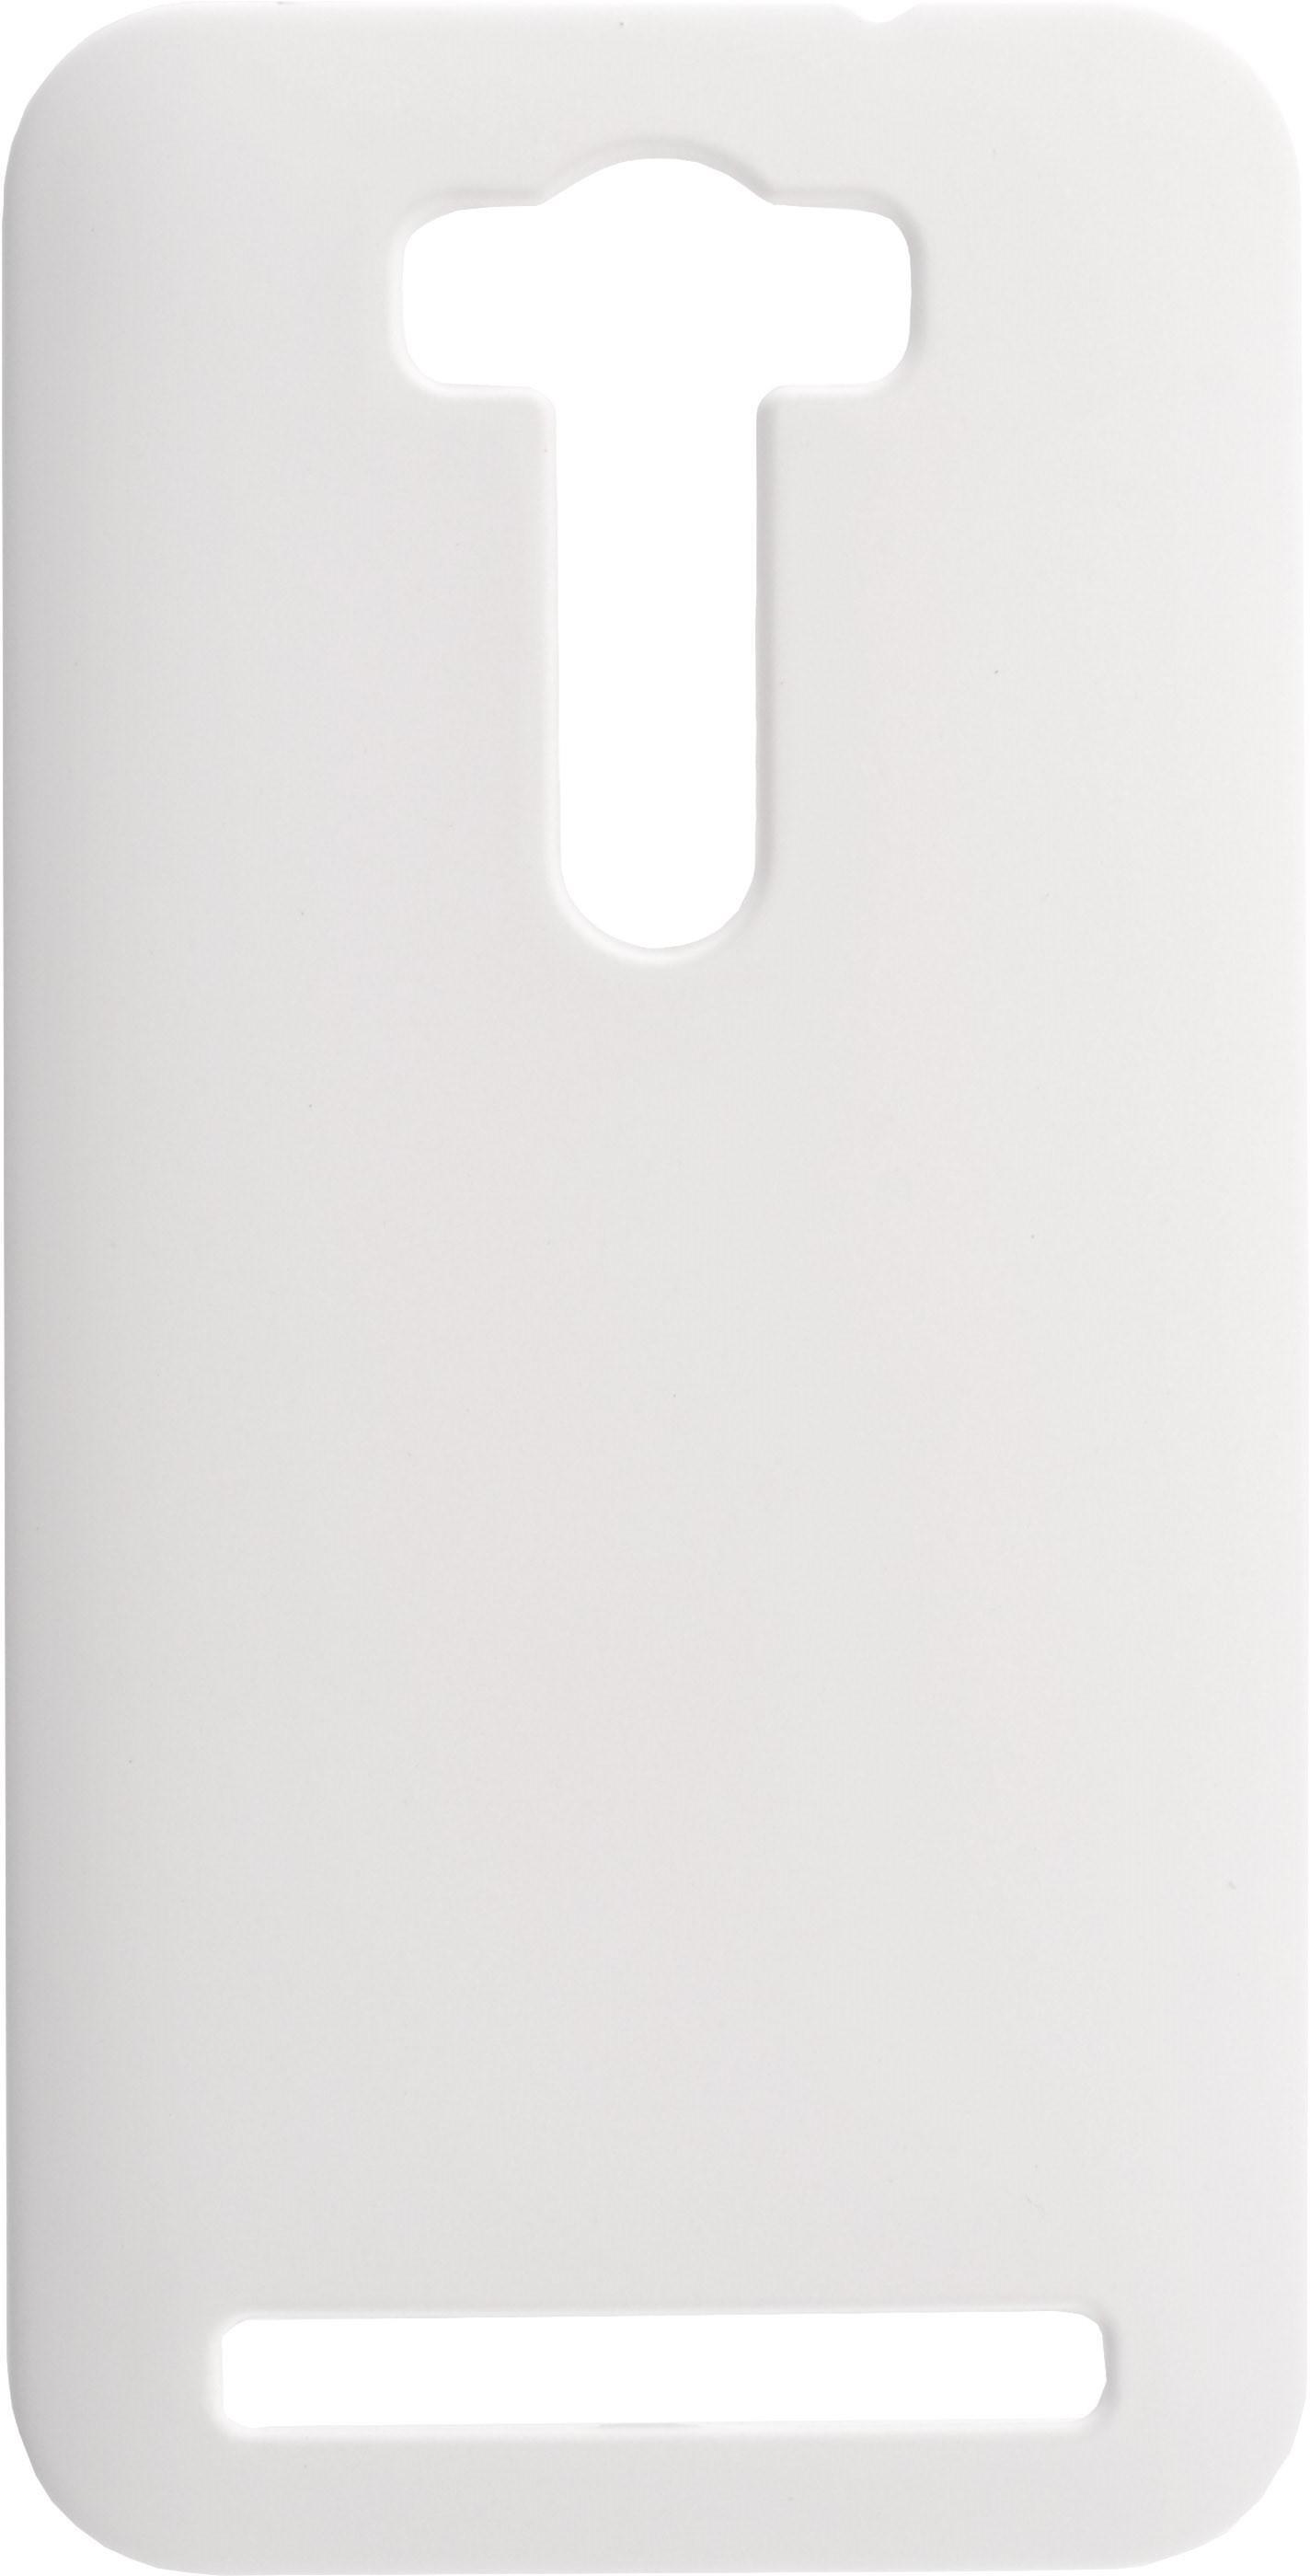 Чехол для сотового телефона skinBOX 4People, 4630042527614, белый стоимость